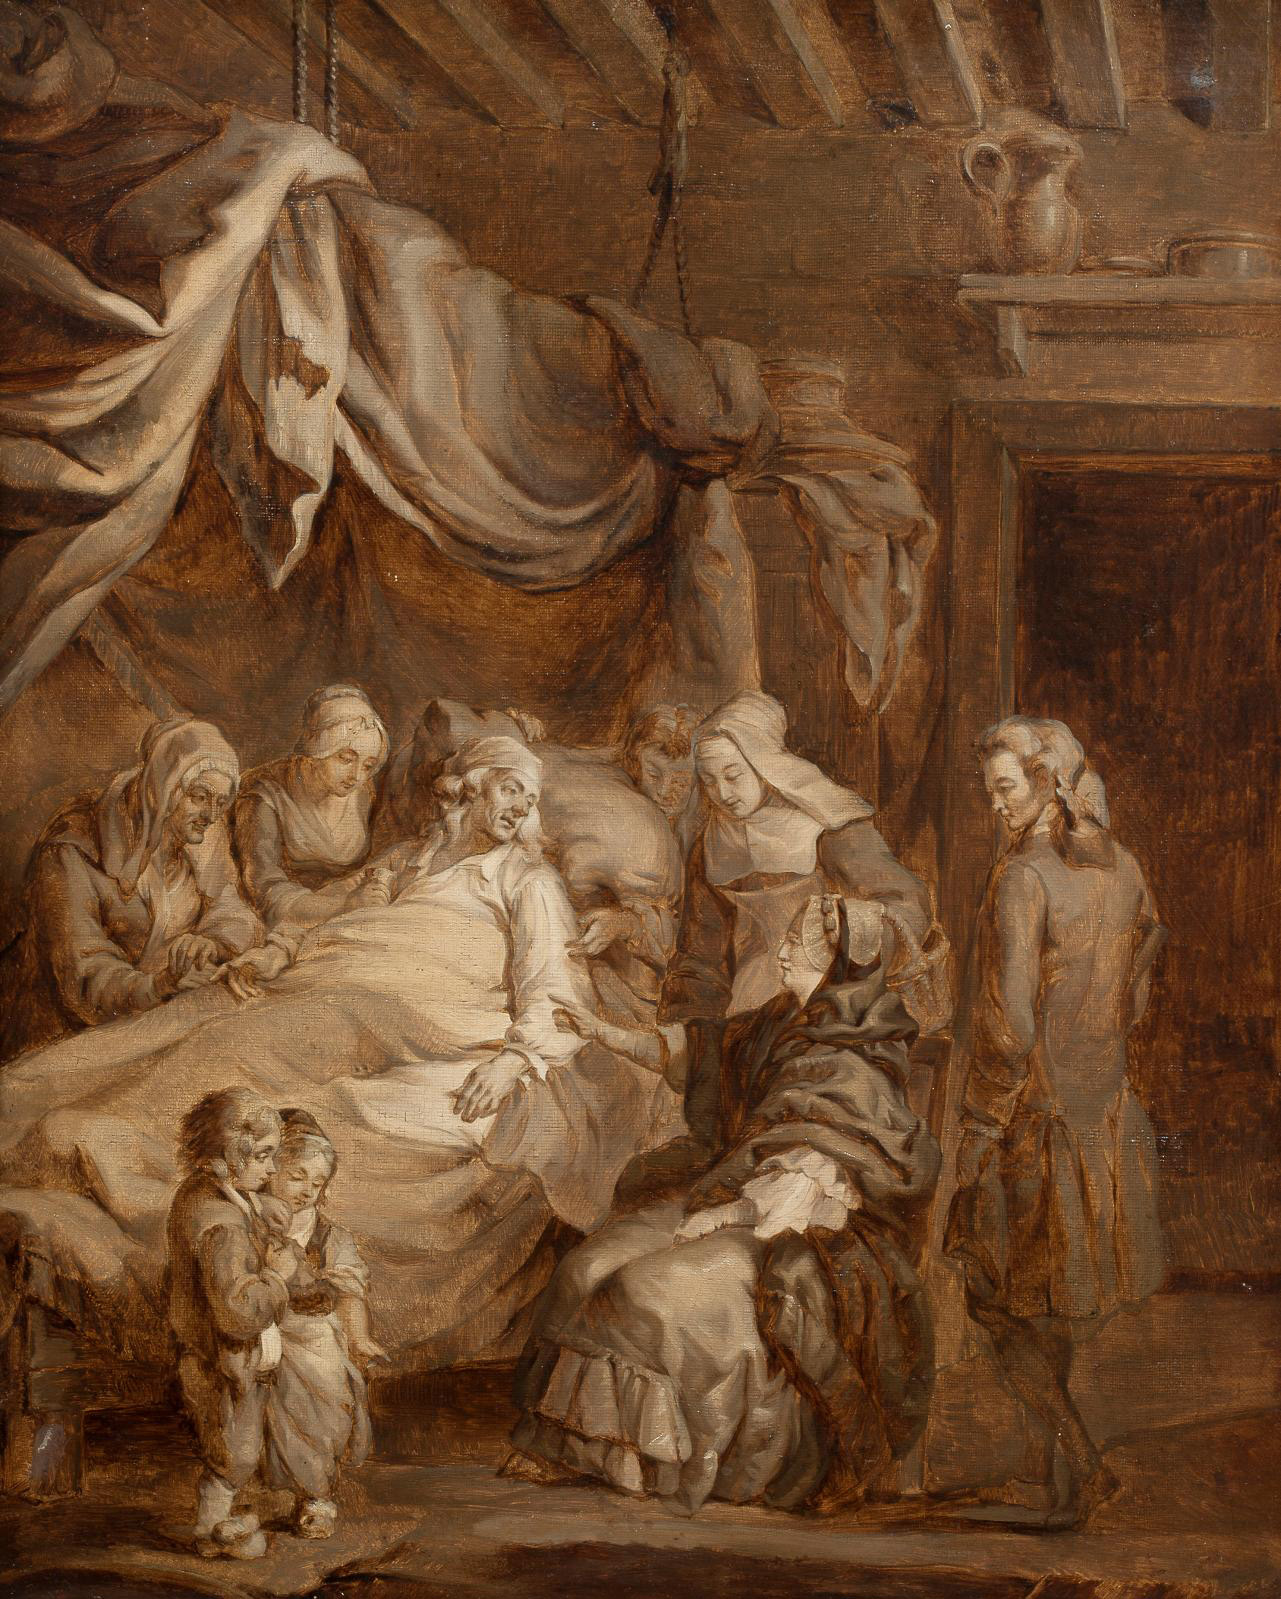 Constance Mayer (1774-1821), A Miserable Family, oil on canvas, 55.5 x 45.5 cm (21.8 x 17.9 in).Paris, Drouot, June 13, 2019. Aguttes auct